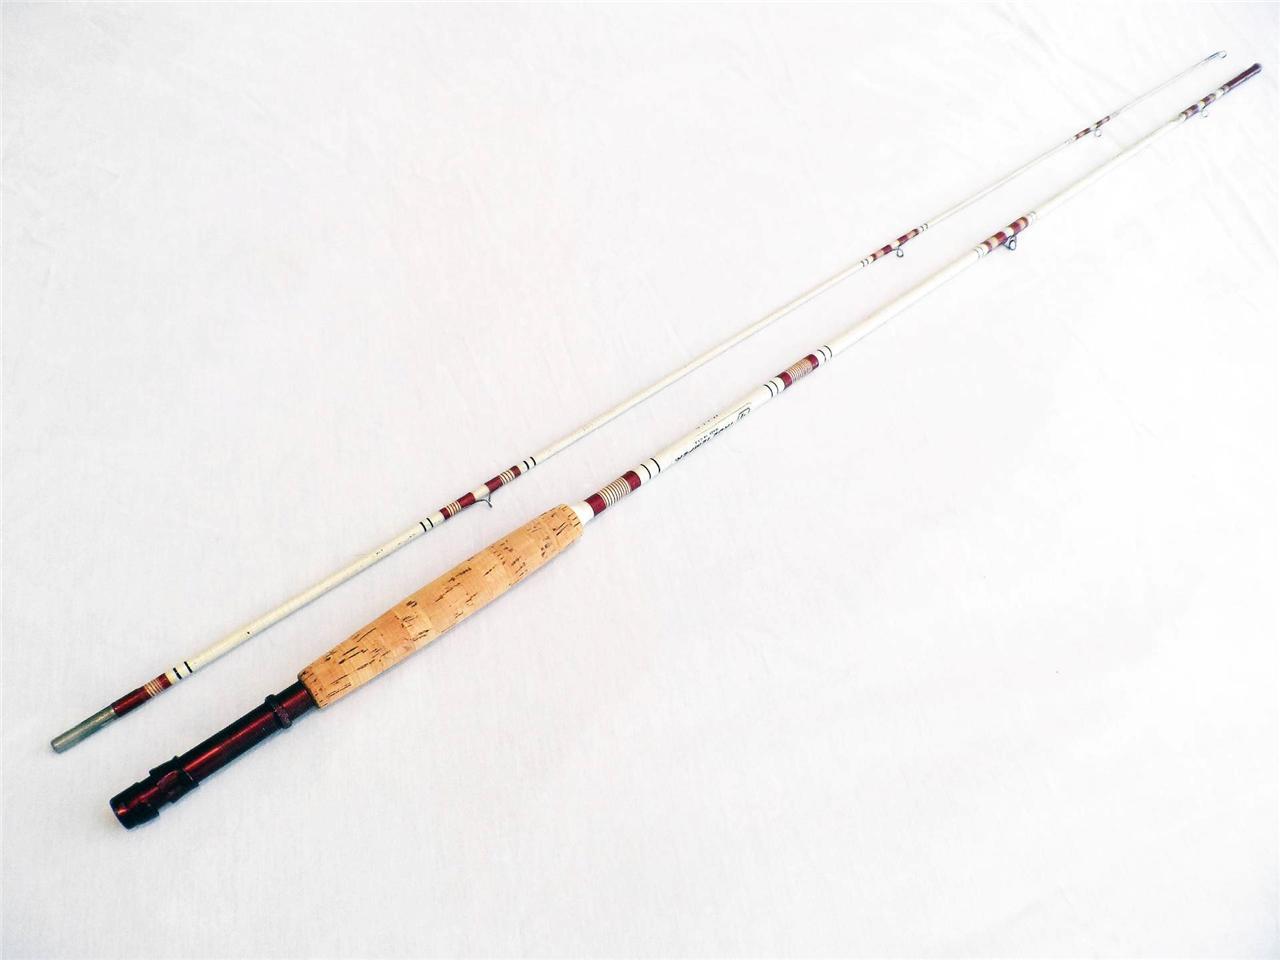 True Temper 1255b Vintage Fly Rod 6 Weight 2 Piece